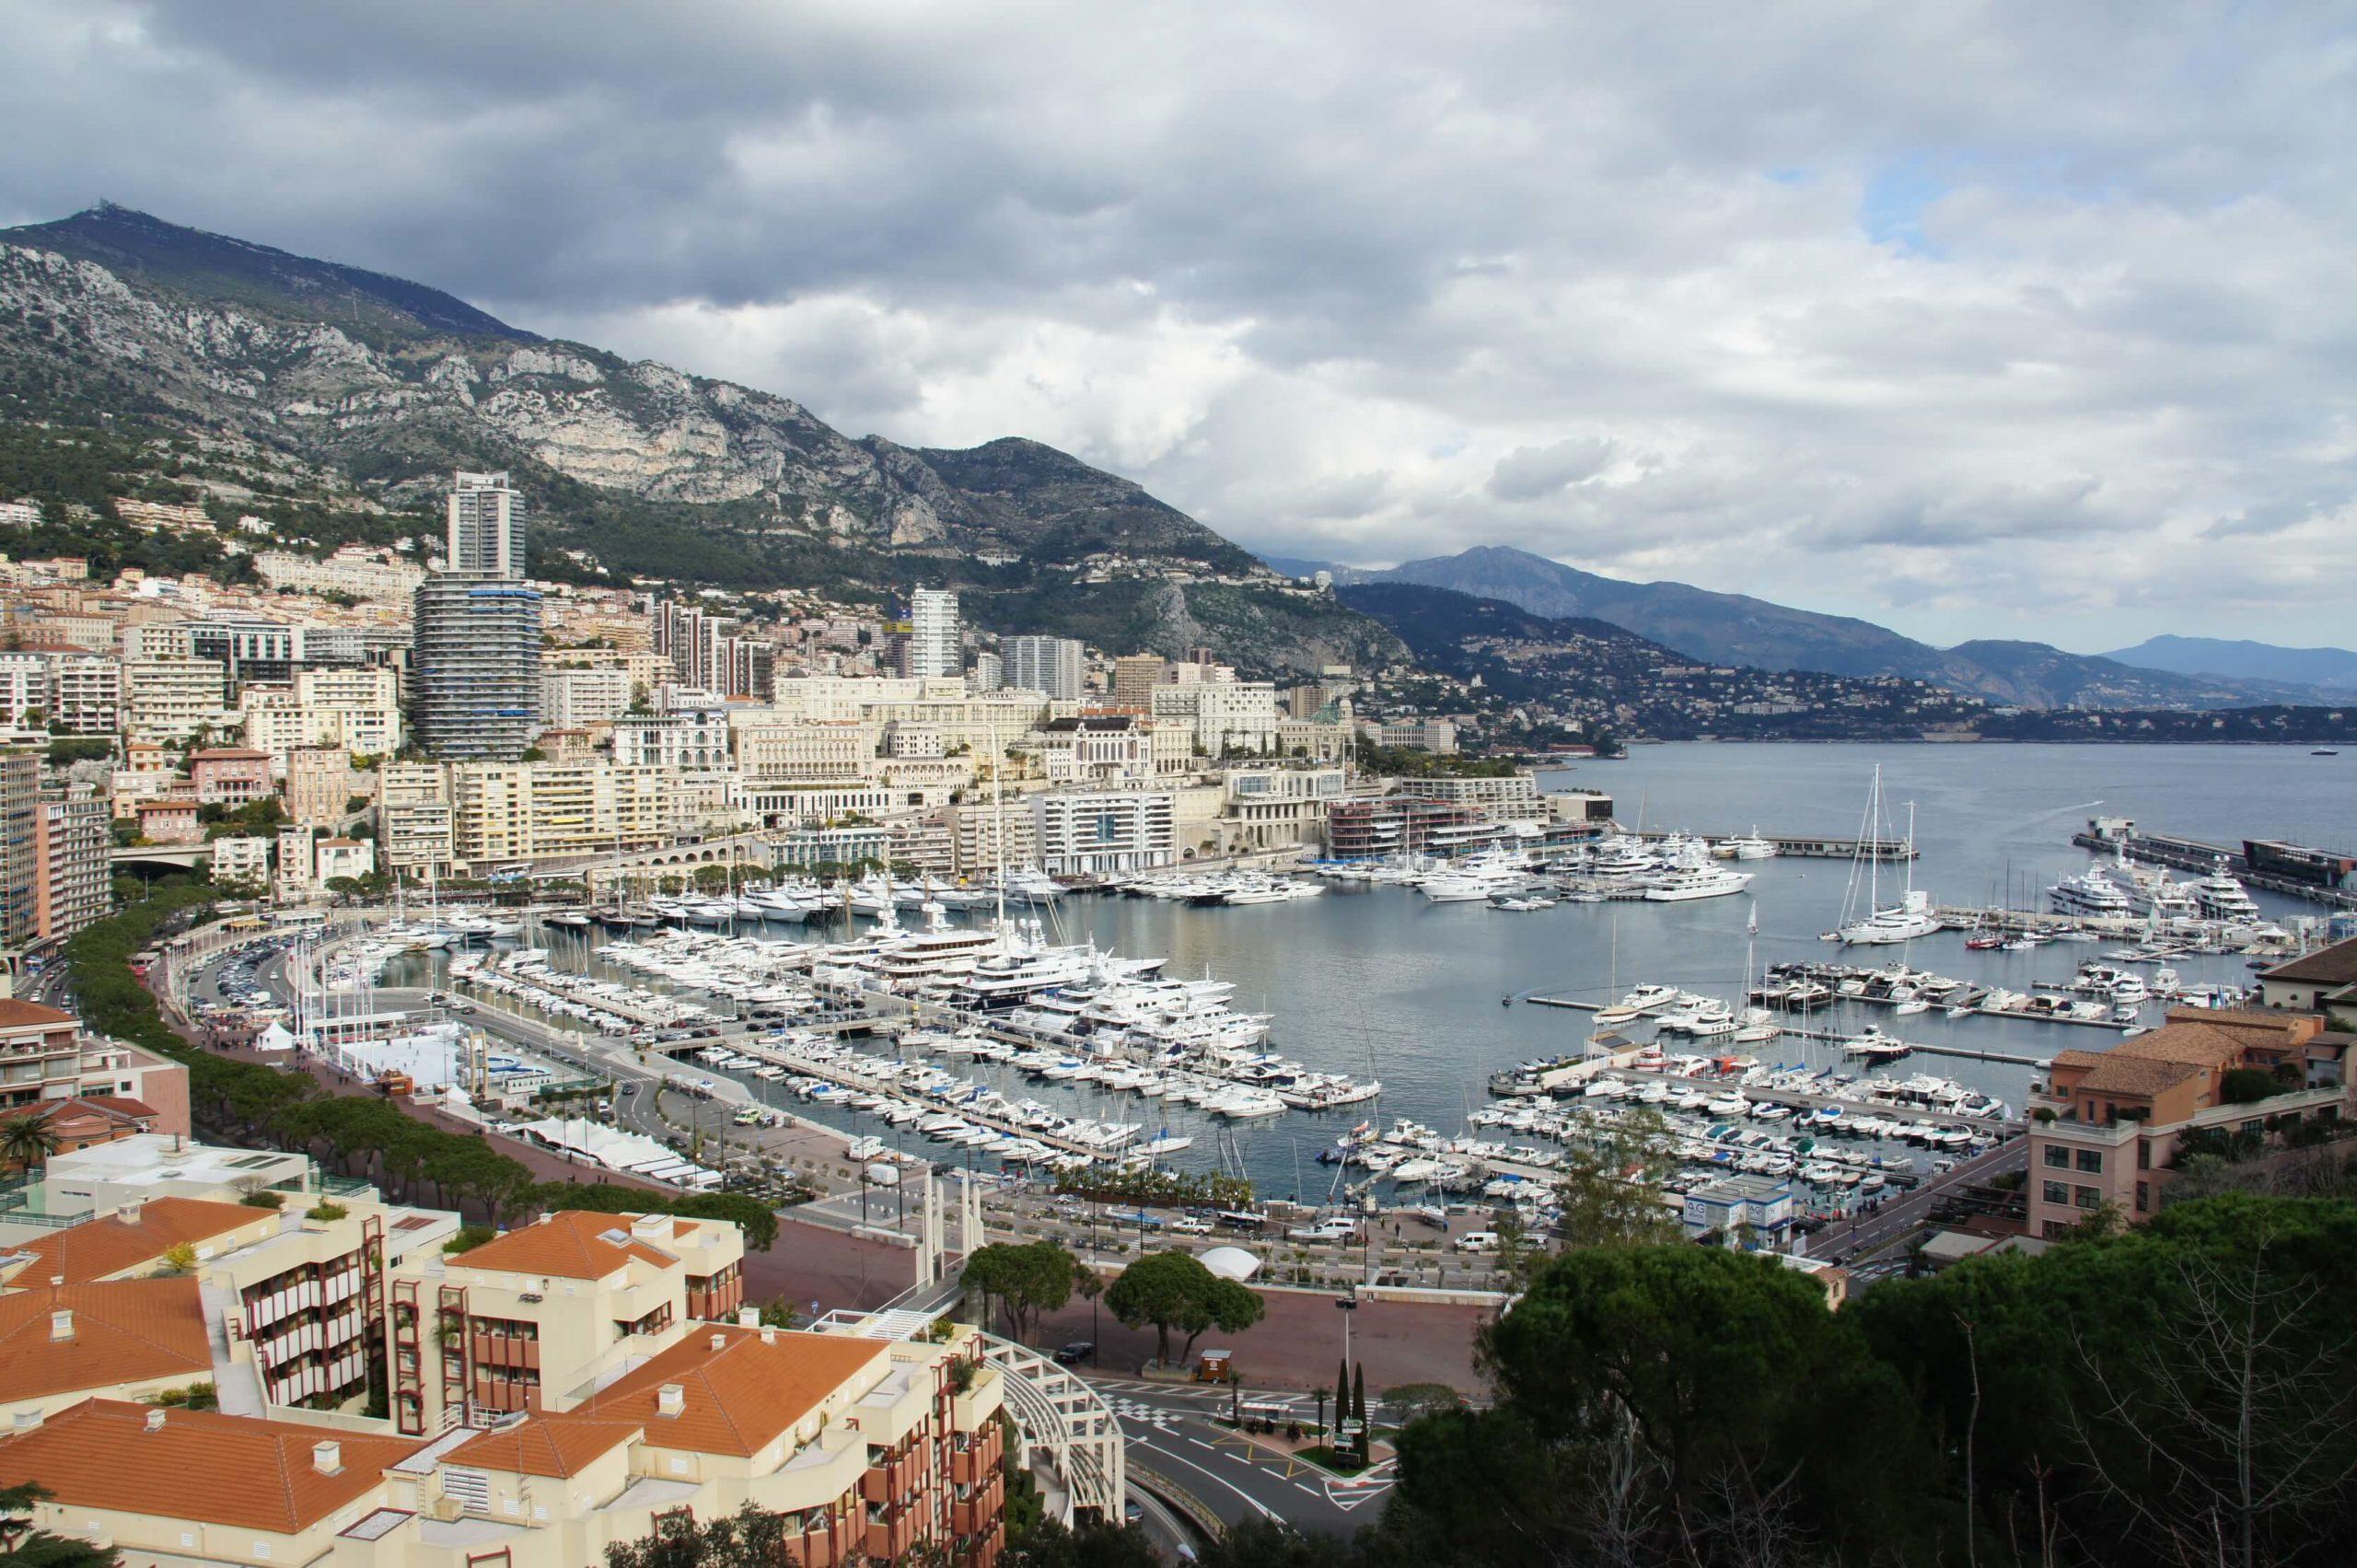 Montecarlo – Monaco